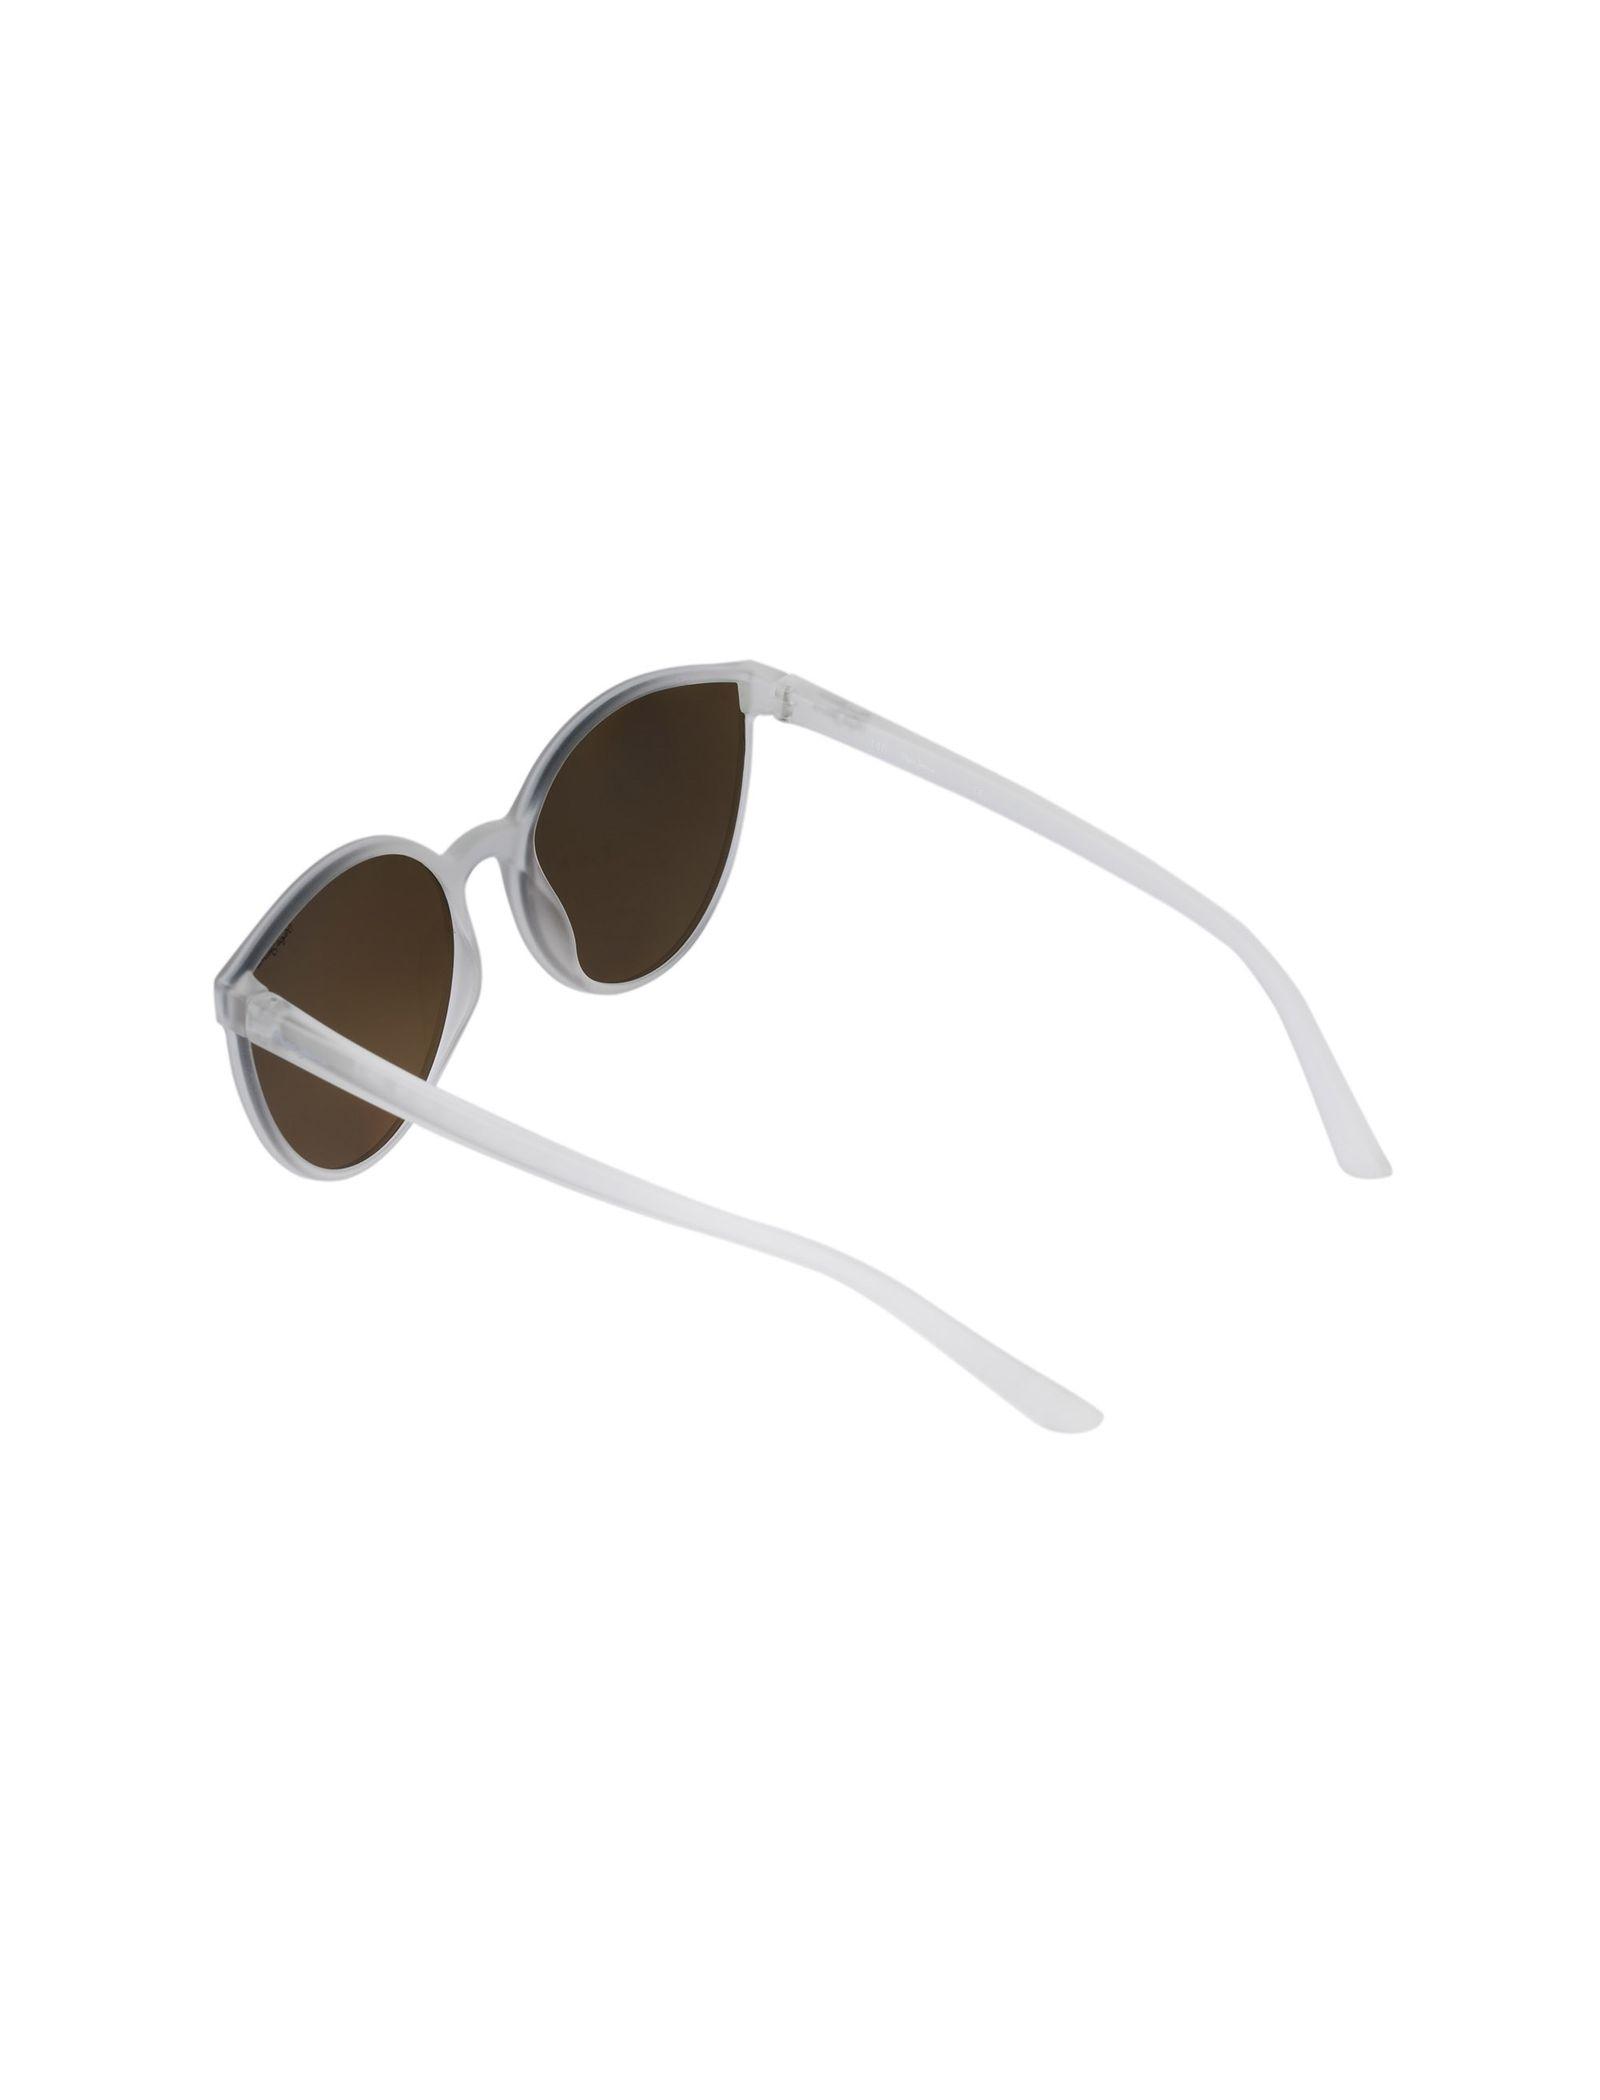 عینک آفتابی گربه ای زنانه - پپه جینز - بي رنگ - 4